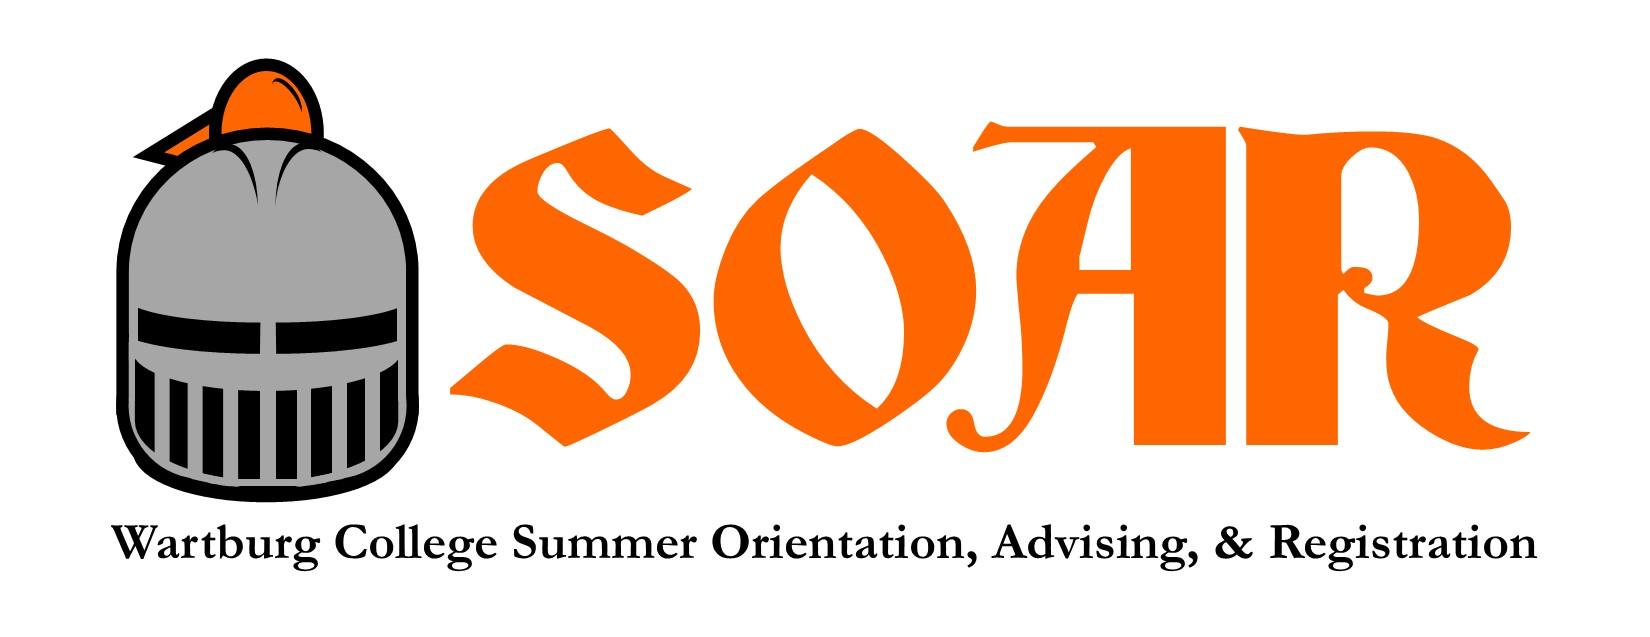 wartburg college information center intranet portal > pathways summer orientation advising registration